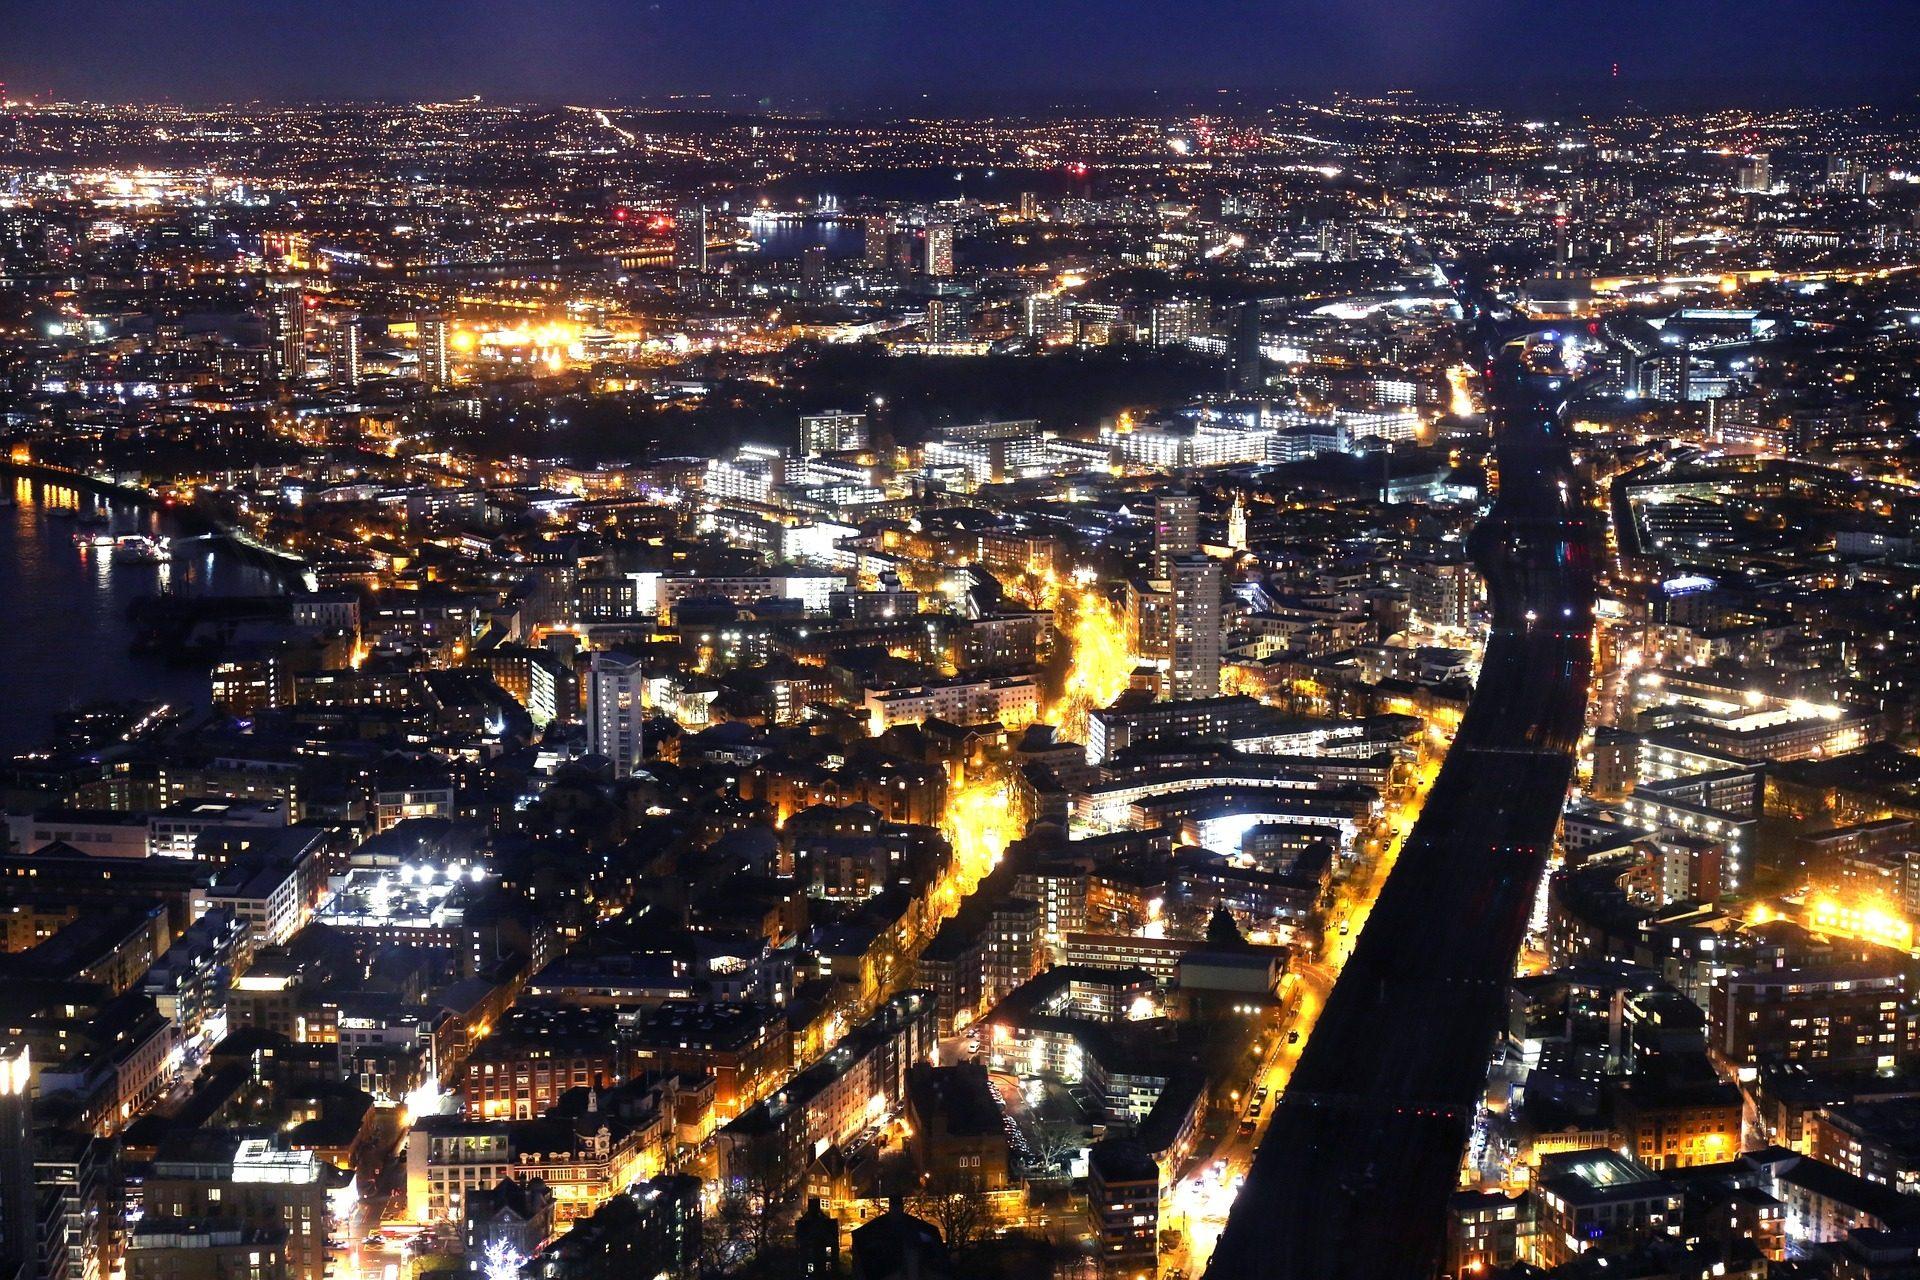 مدينة, ليلة, أضواء, الشوارع, المباني, لندن - خلفيات عالية الدقة - أستاذ falken.com